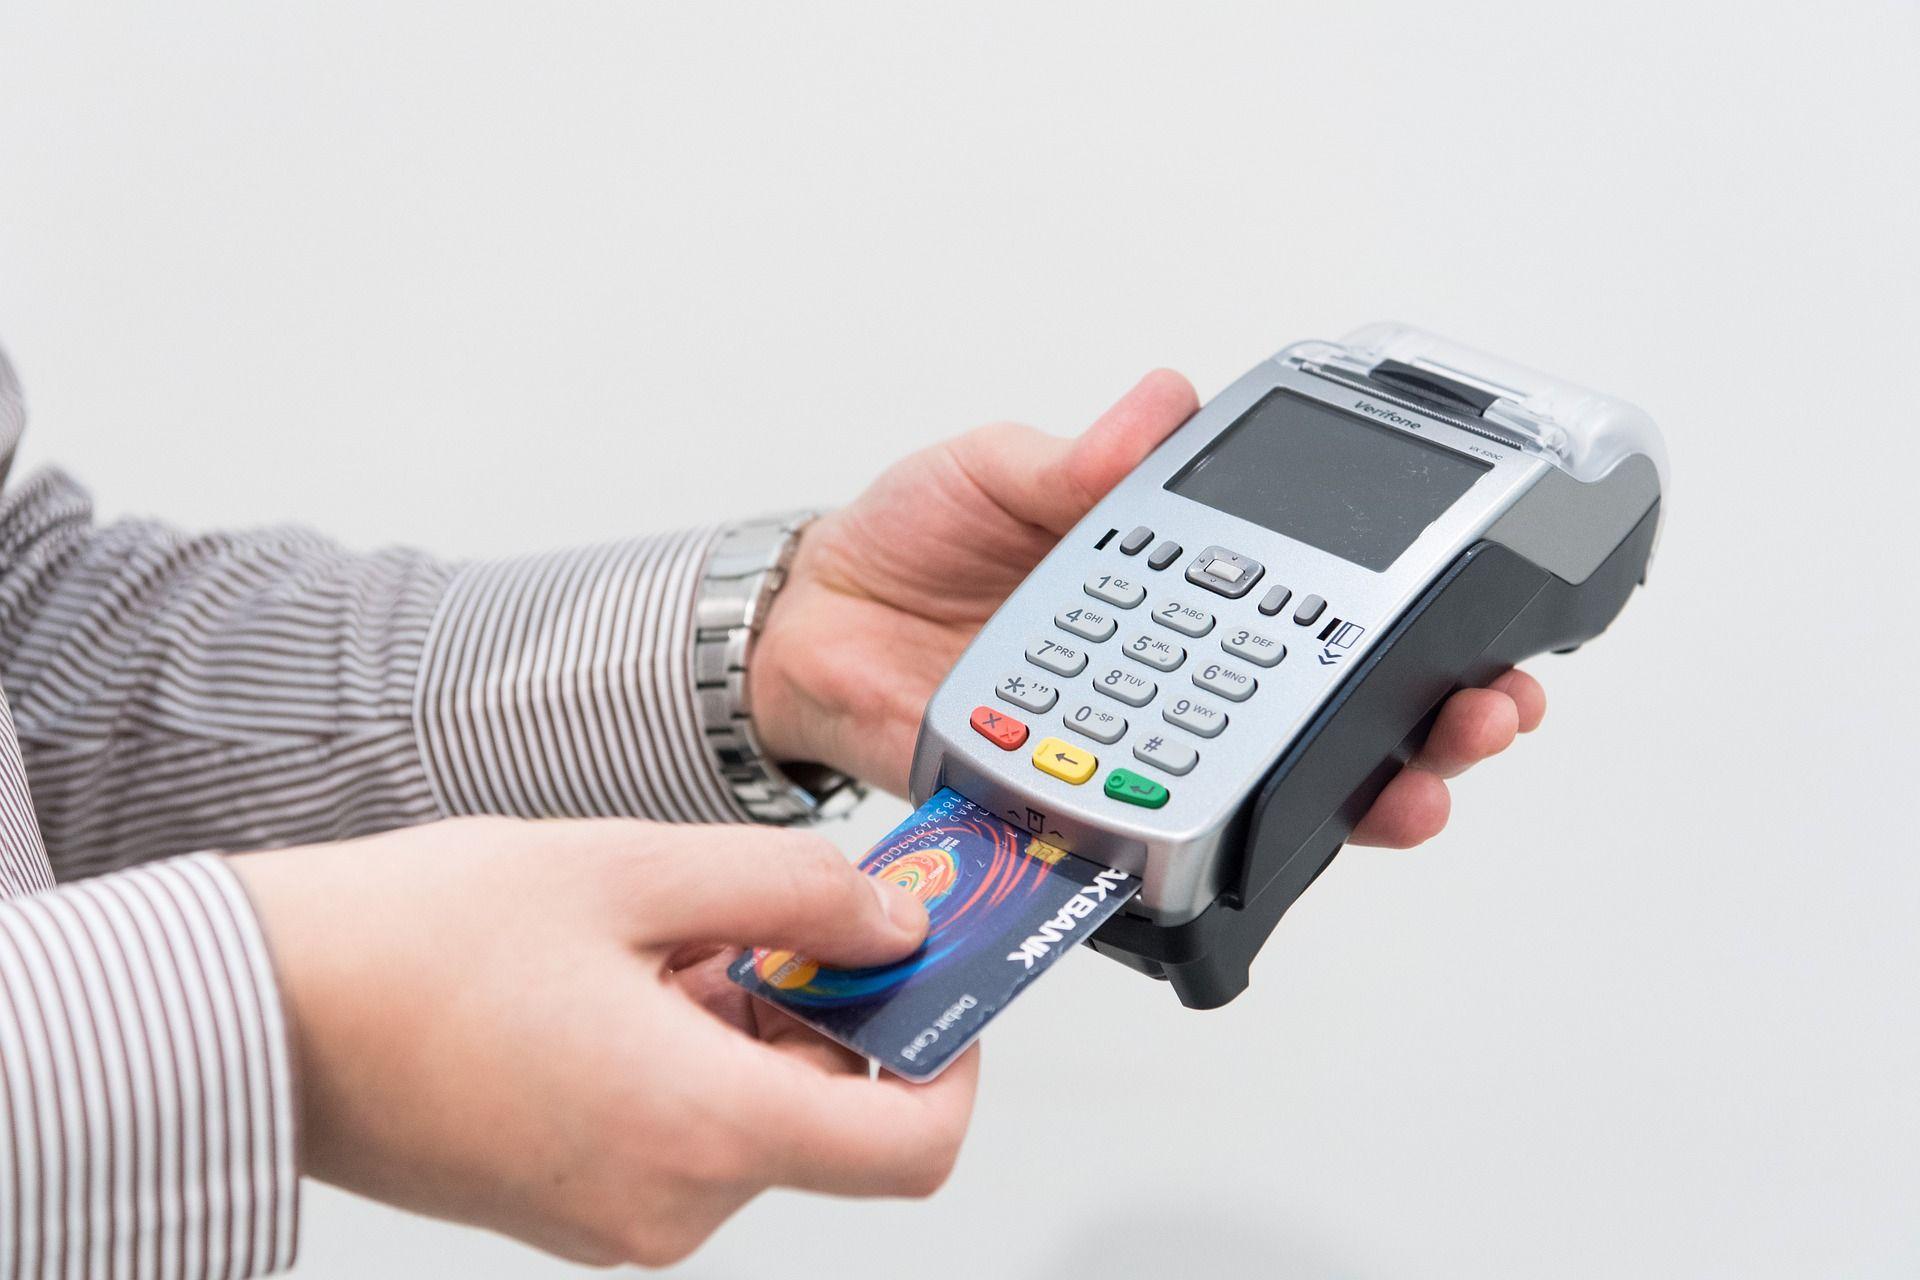 مرد یک دستگاه پوز و یک کارت بانکی در دست دارد